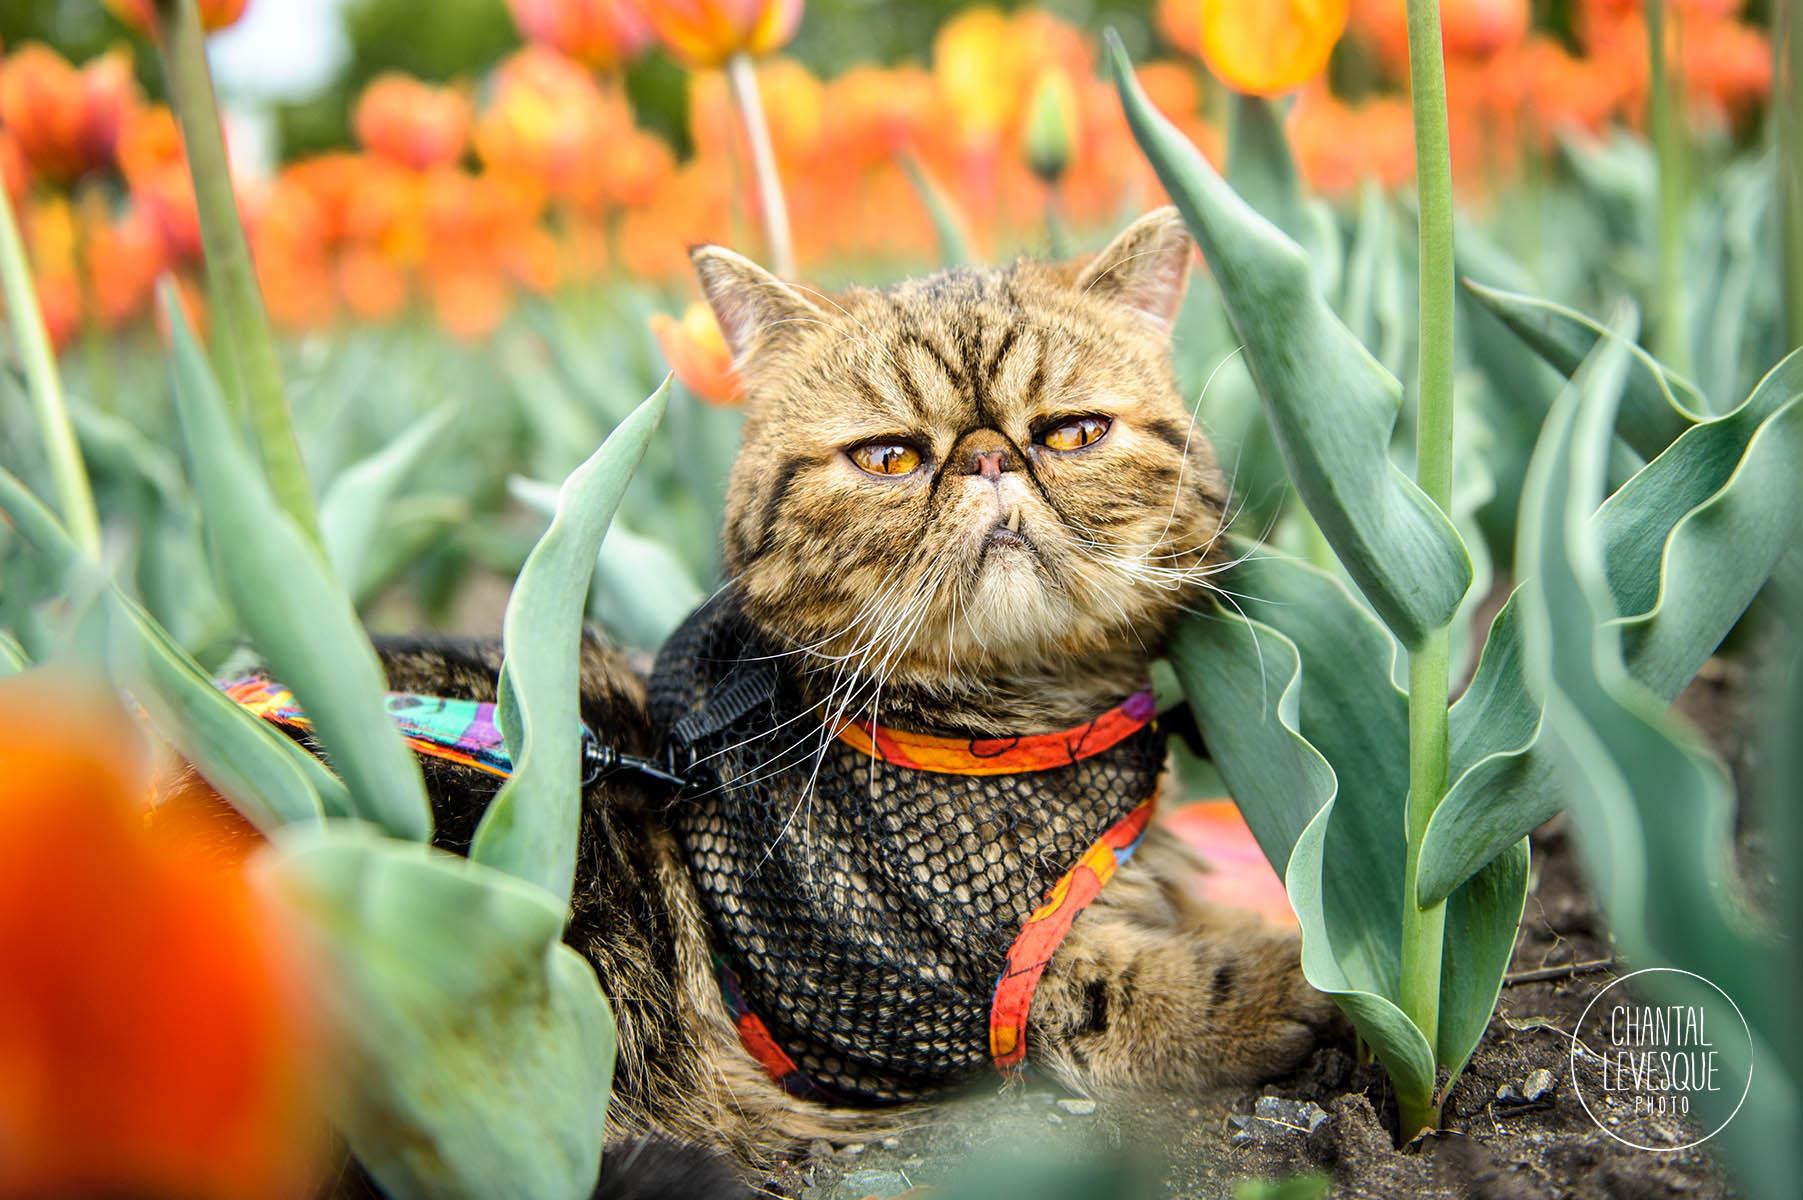 cat-portrait-tulips-quebec